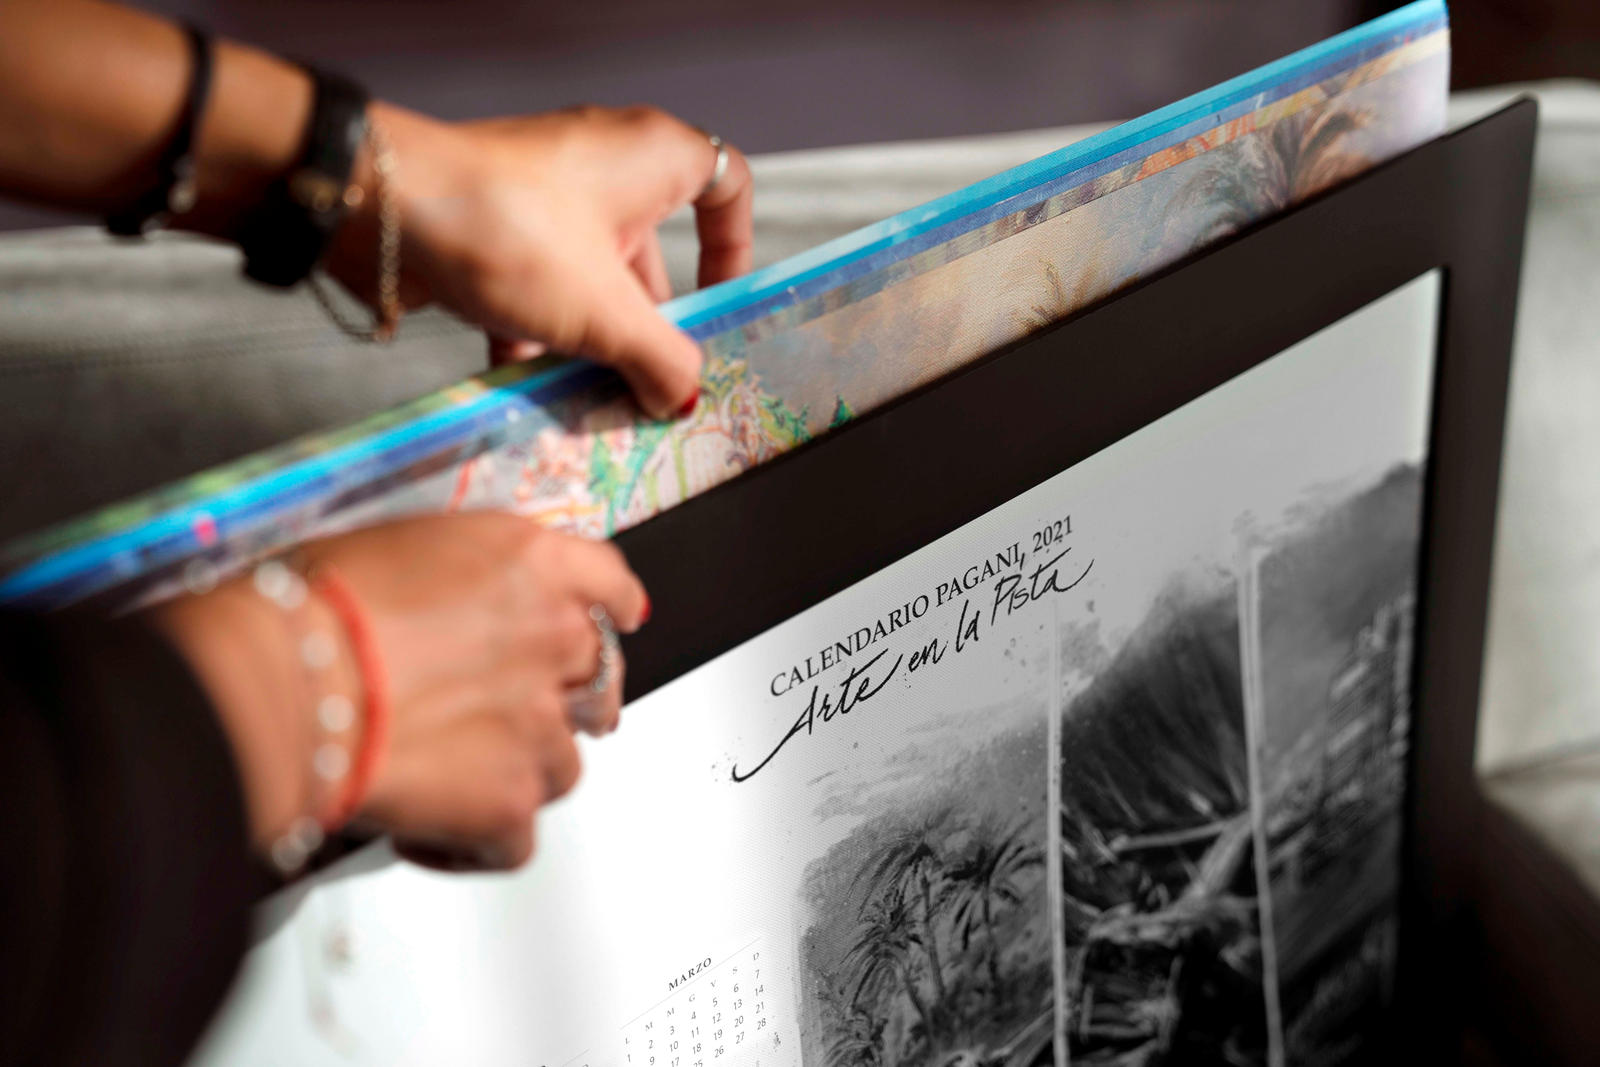 Поскольку Пагани утверждает, что календарь представляет будущее компании, а также прошлое и настоящее, есть большая вероятность, что Huayra R скрывается на одной из картин.